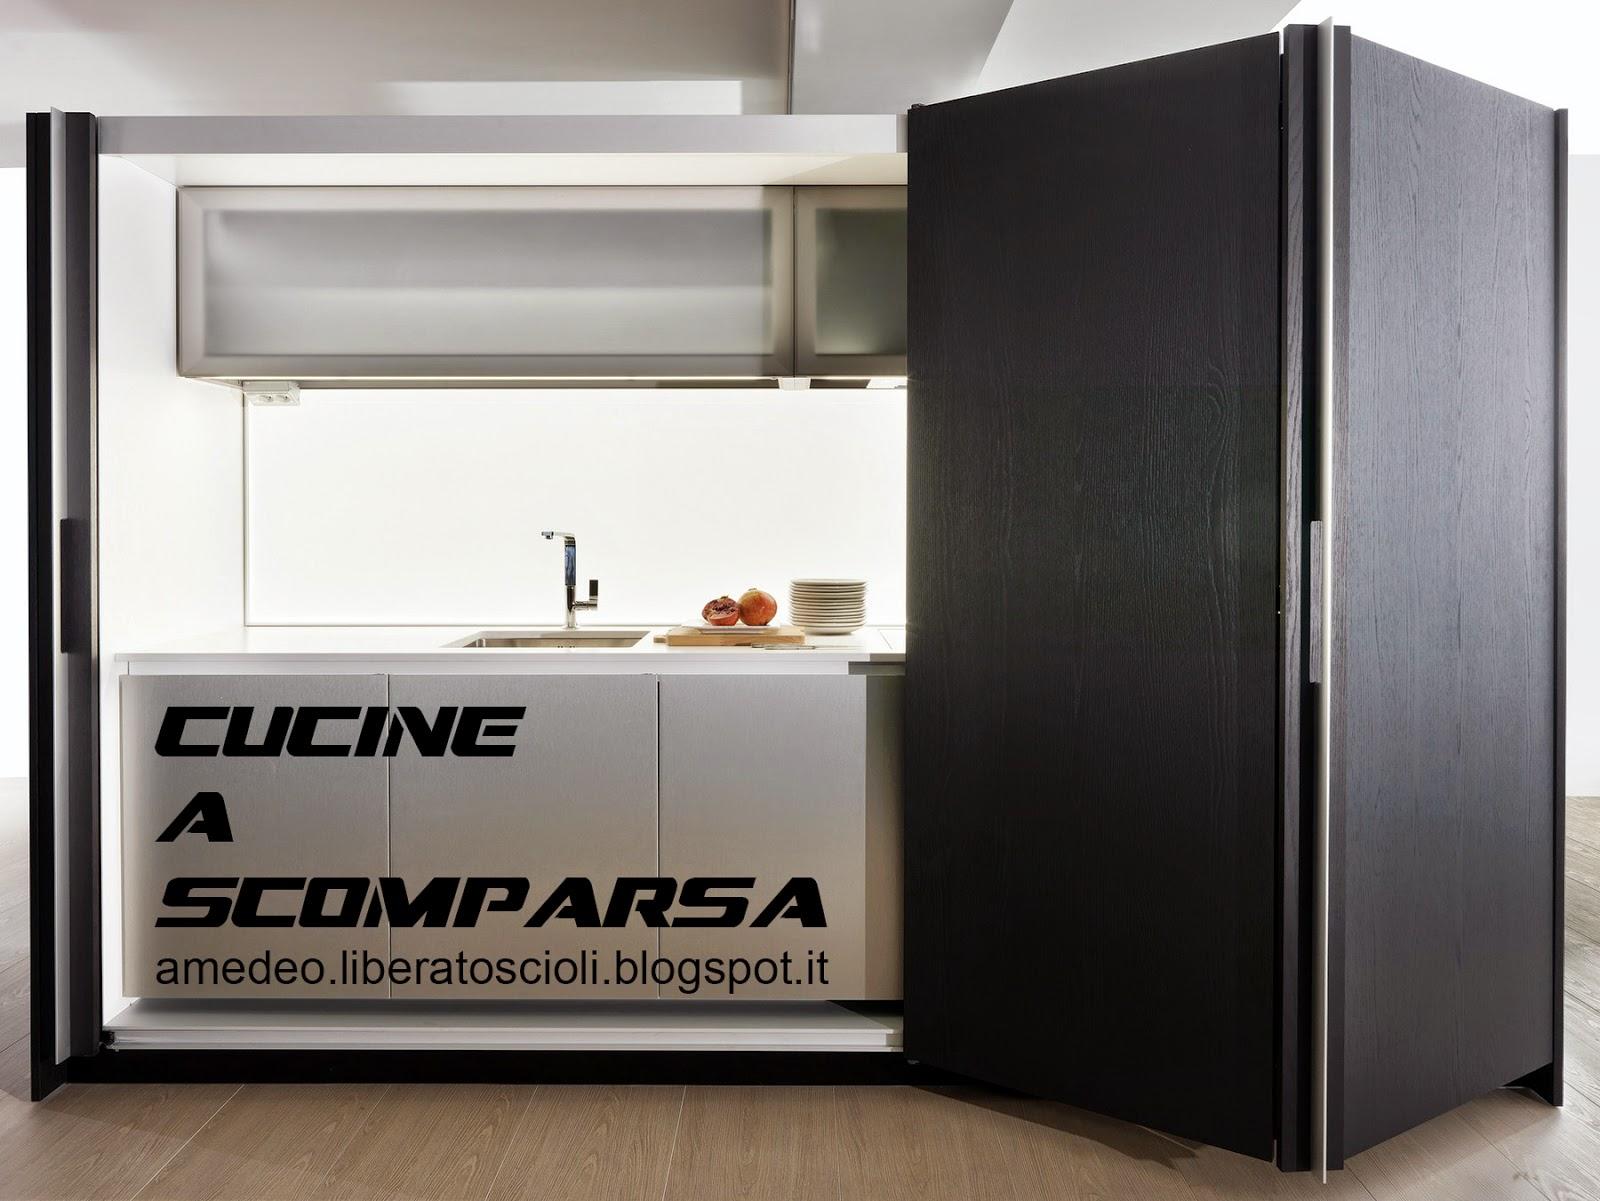 le cucine a scomparsa sono delle cucine compatte che hanno la ...